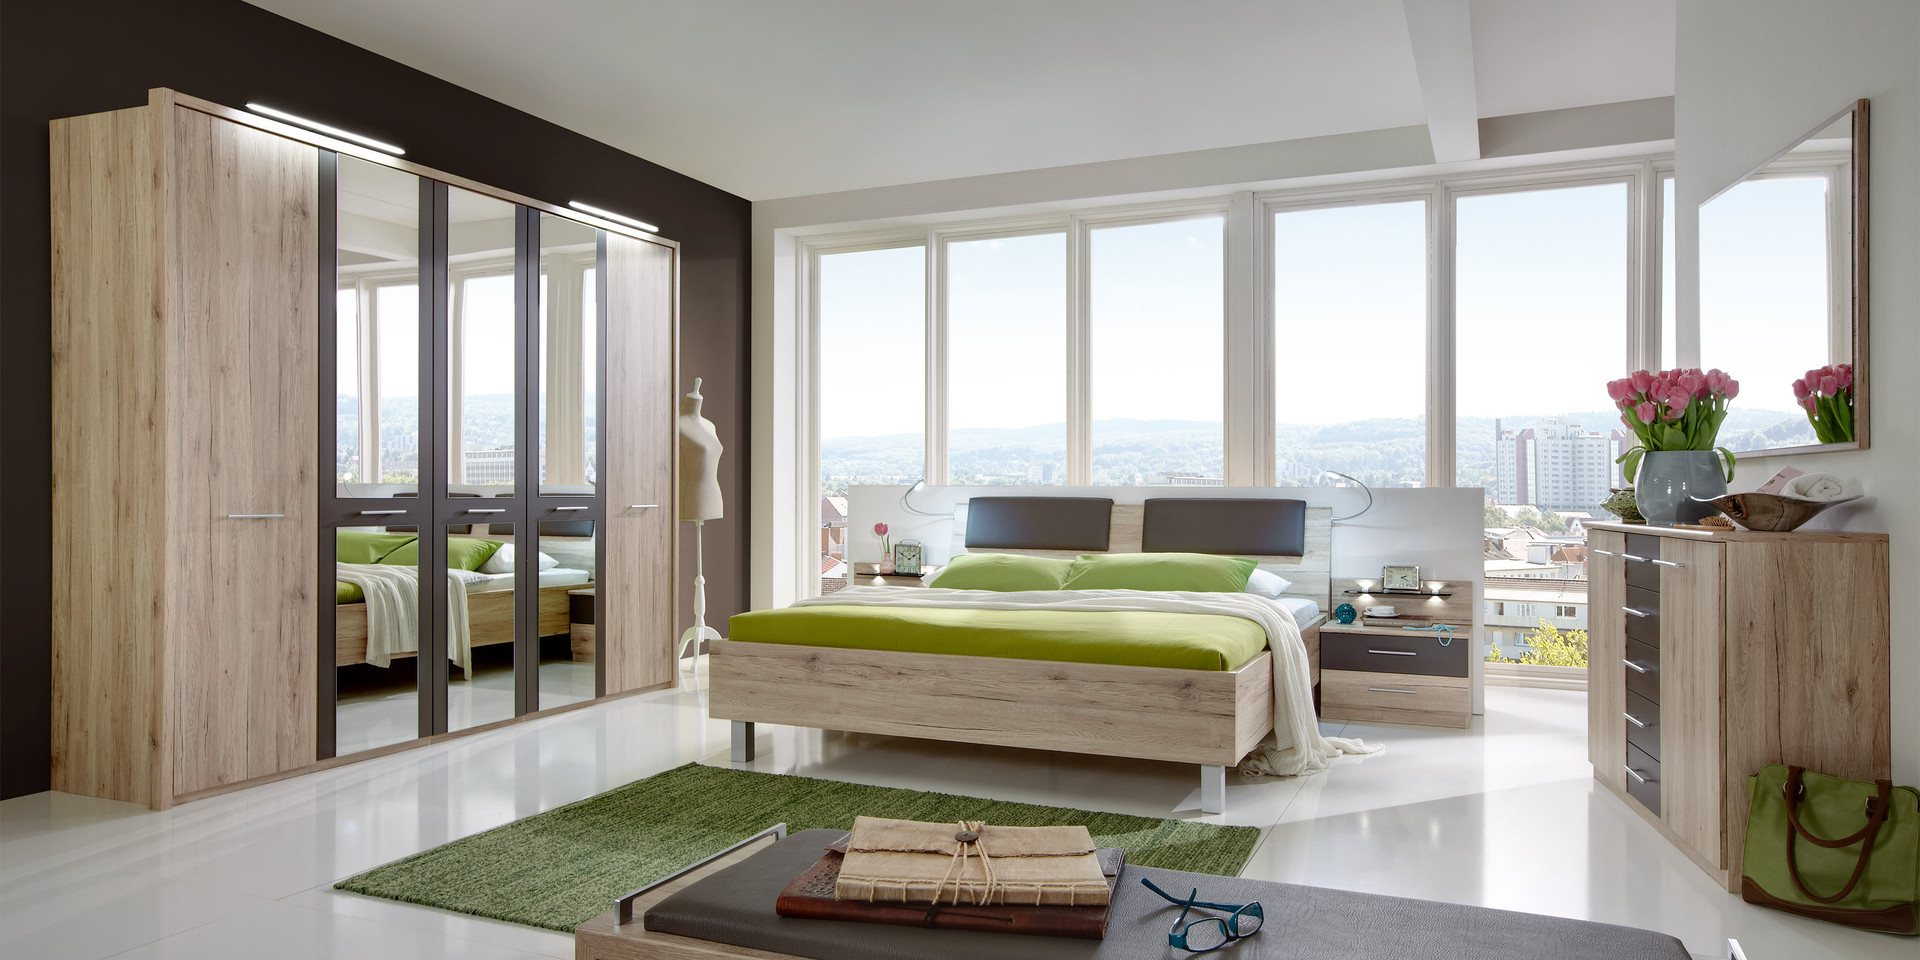 Schlafzimmer bild modern: modernes schlafzimmer mit lederbett ...